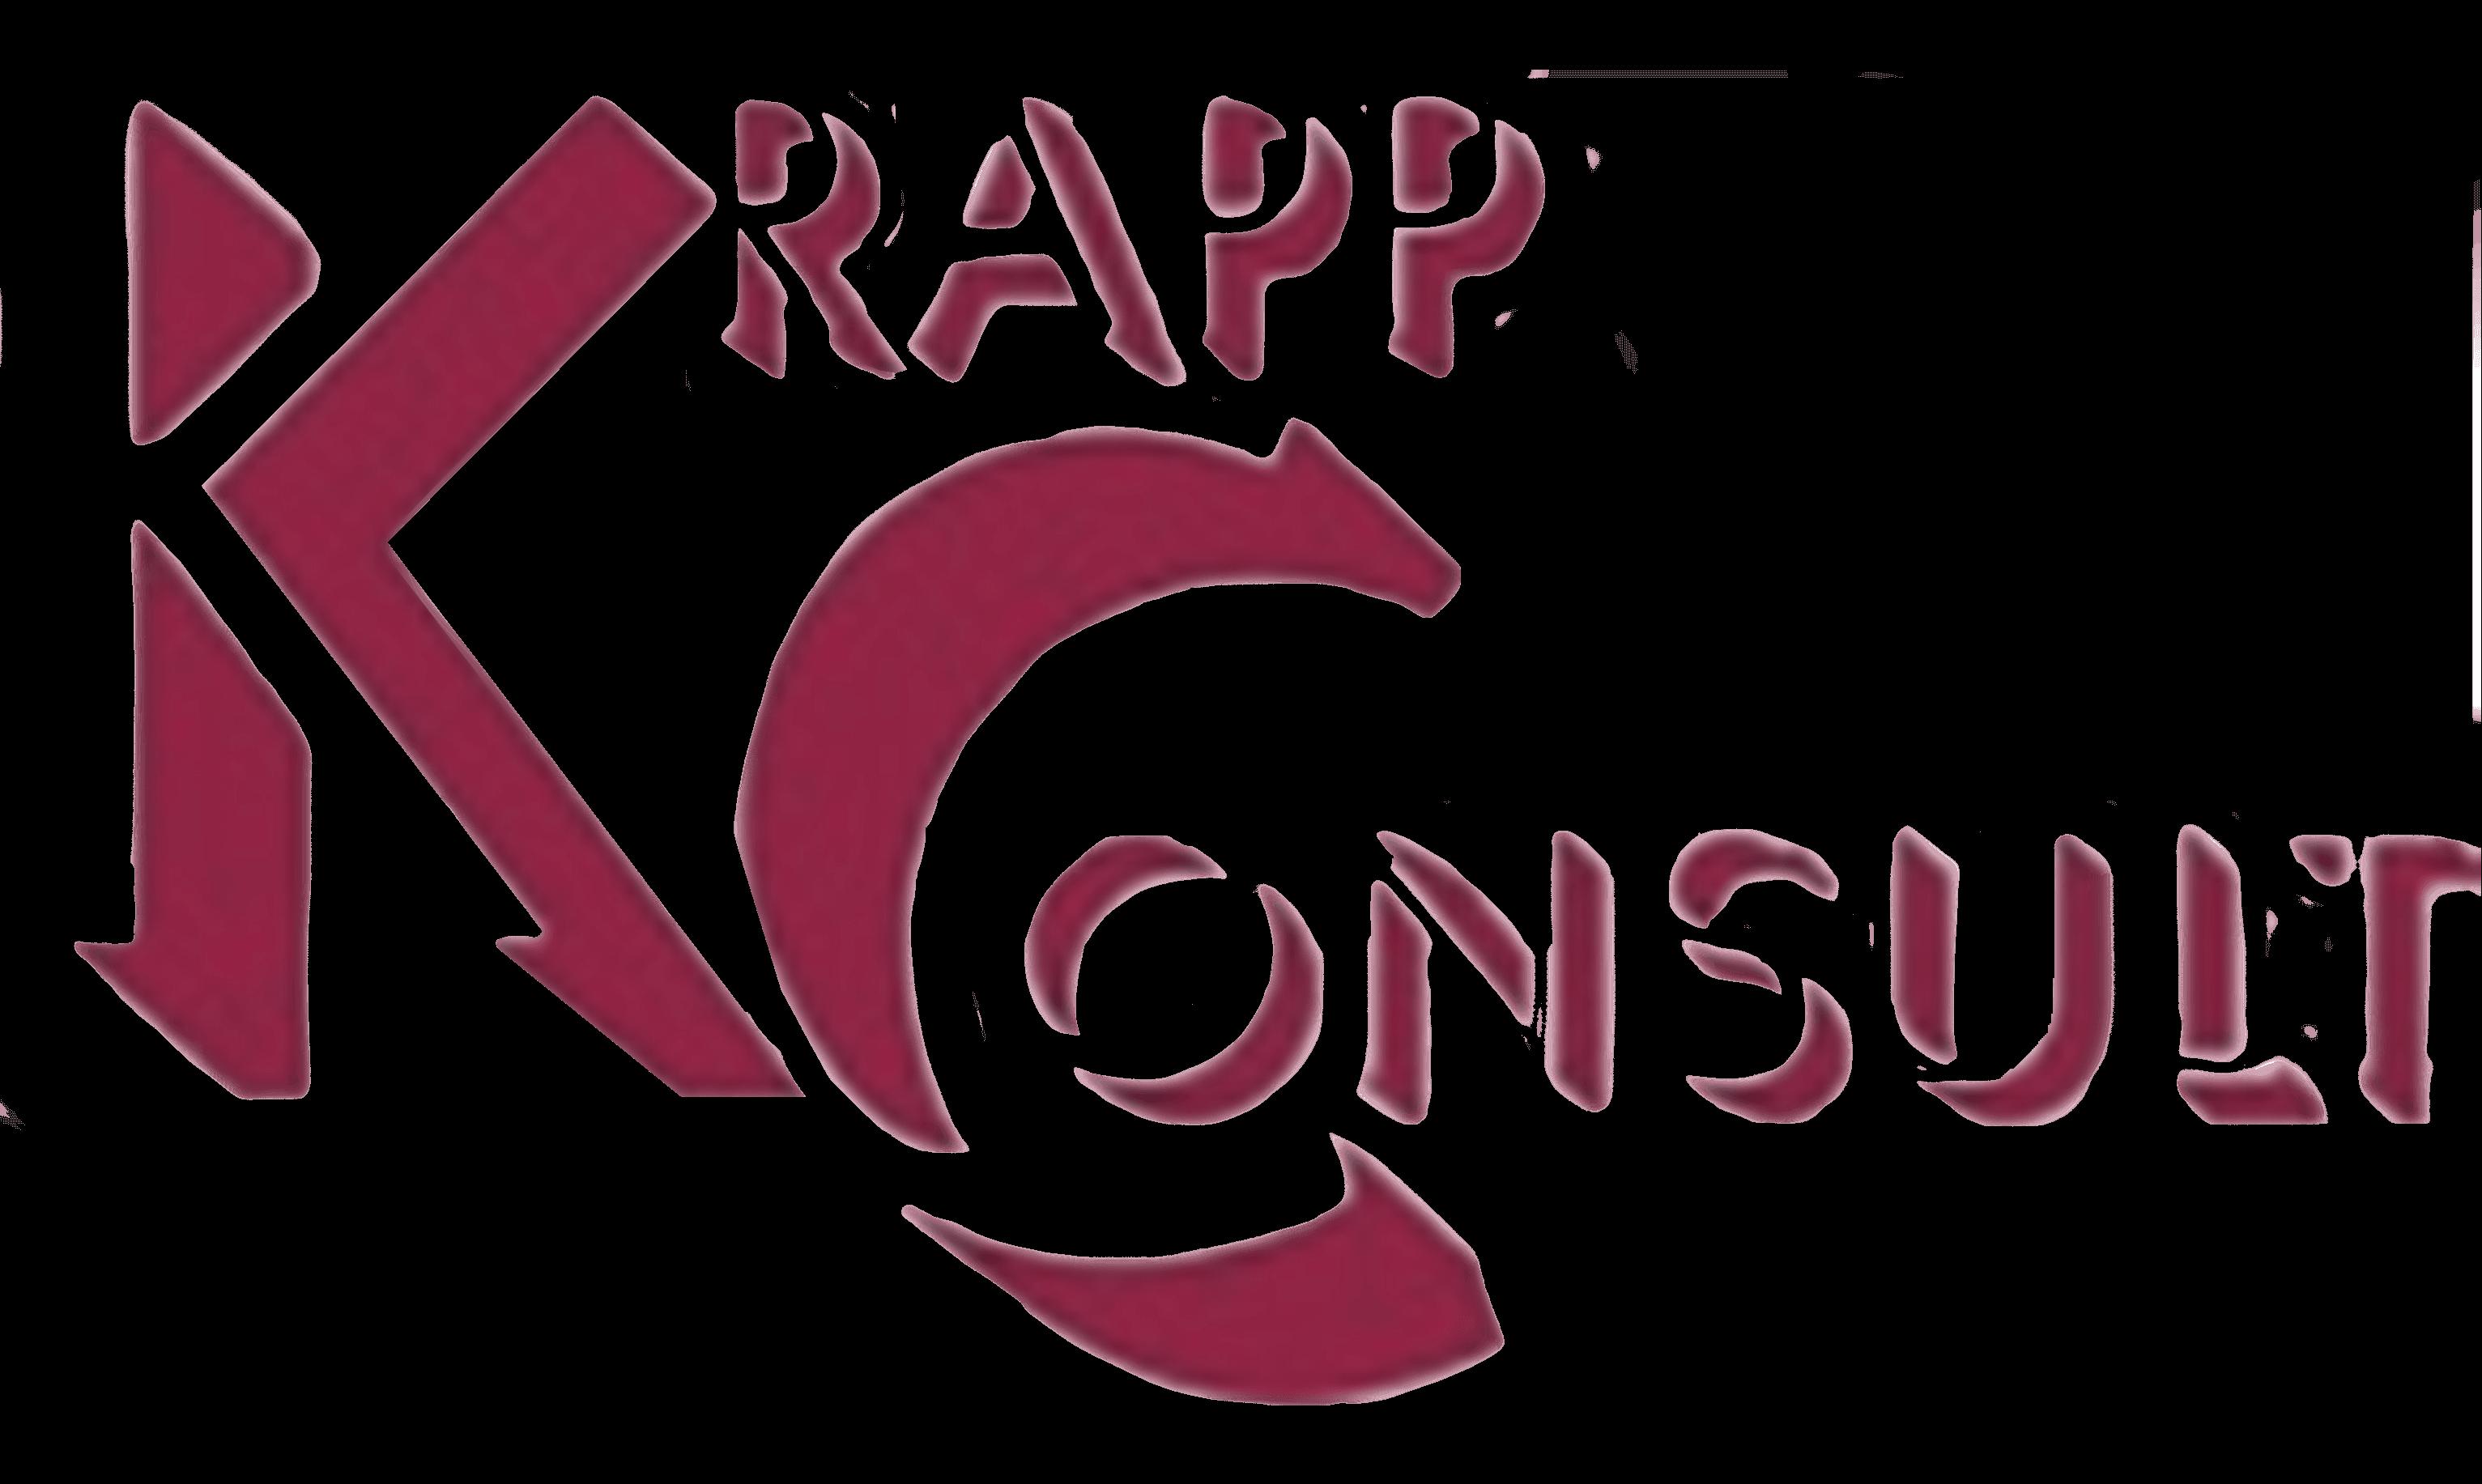 KrappConsult Unternehmensberatung